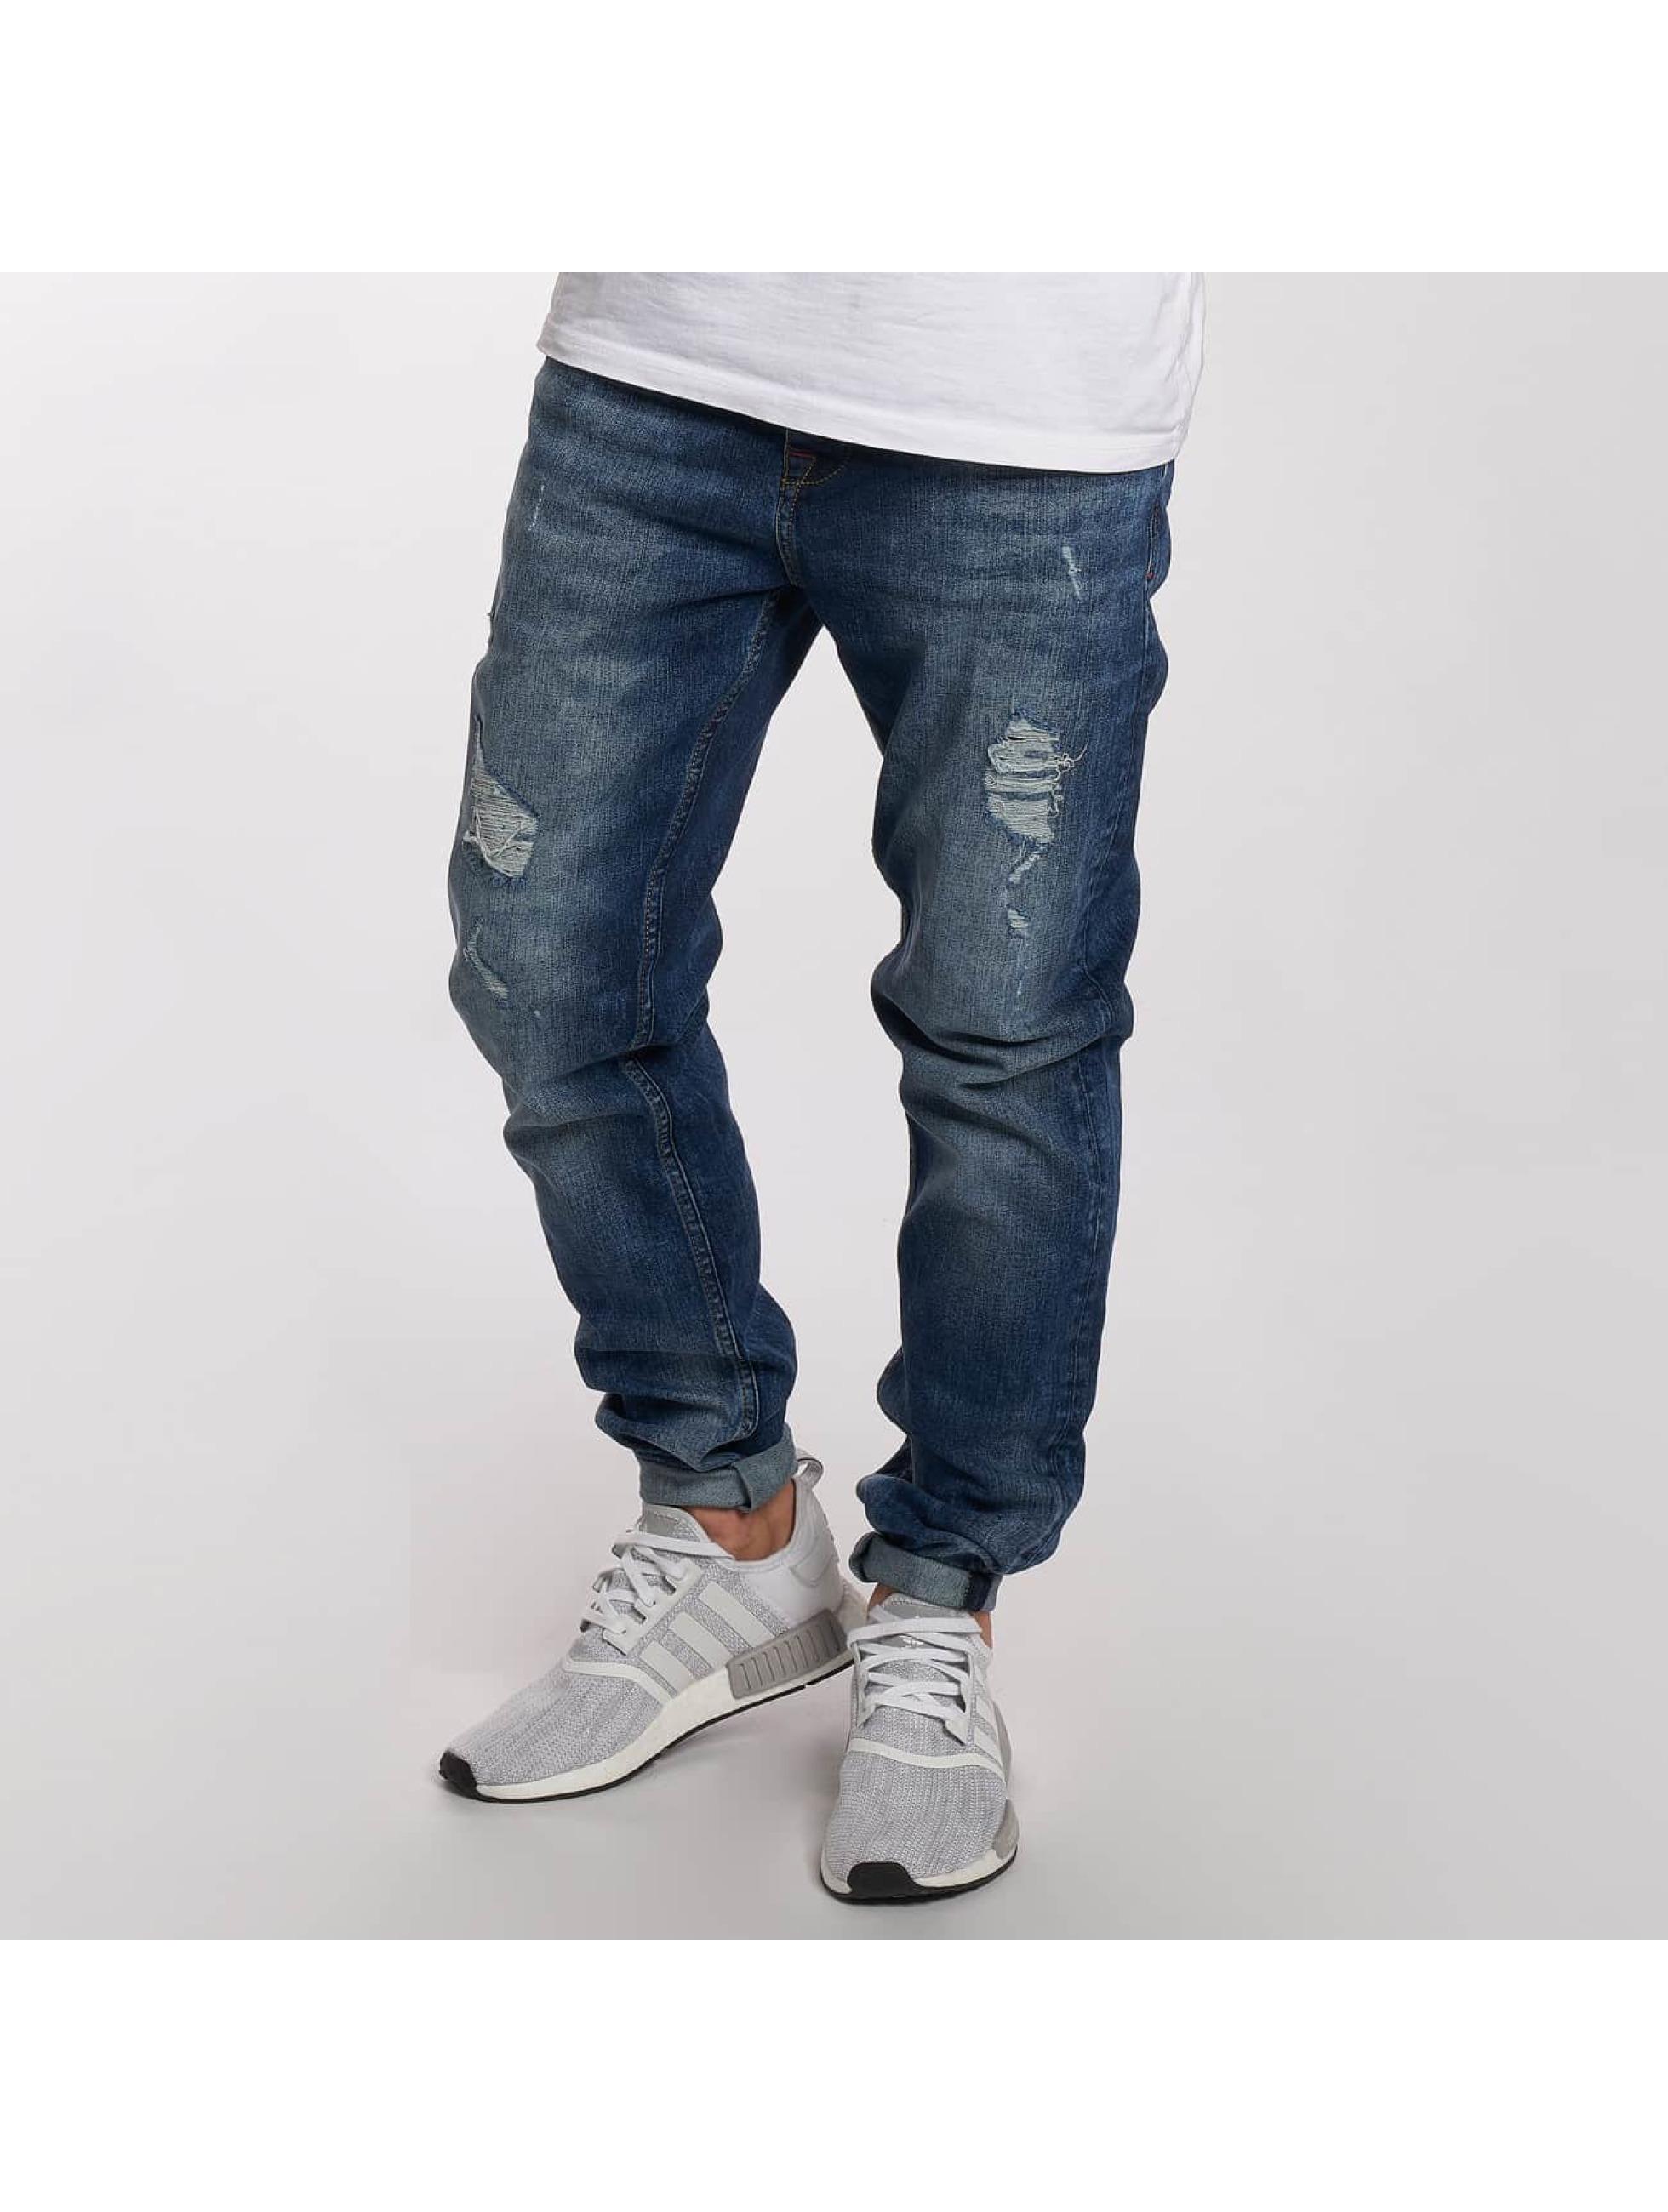 DEF Jean / Jeans Straight Fit Lynel en bleu